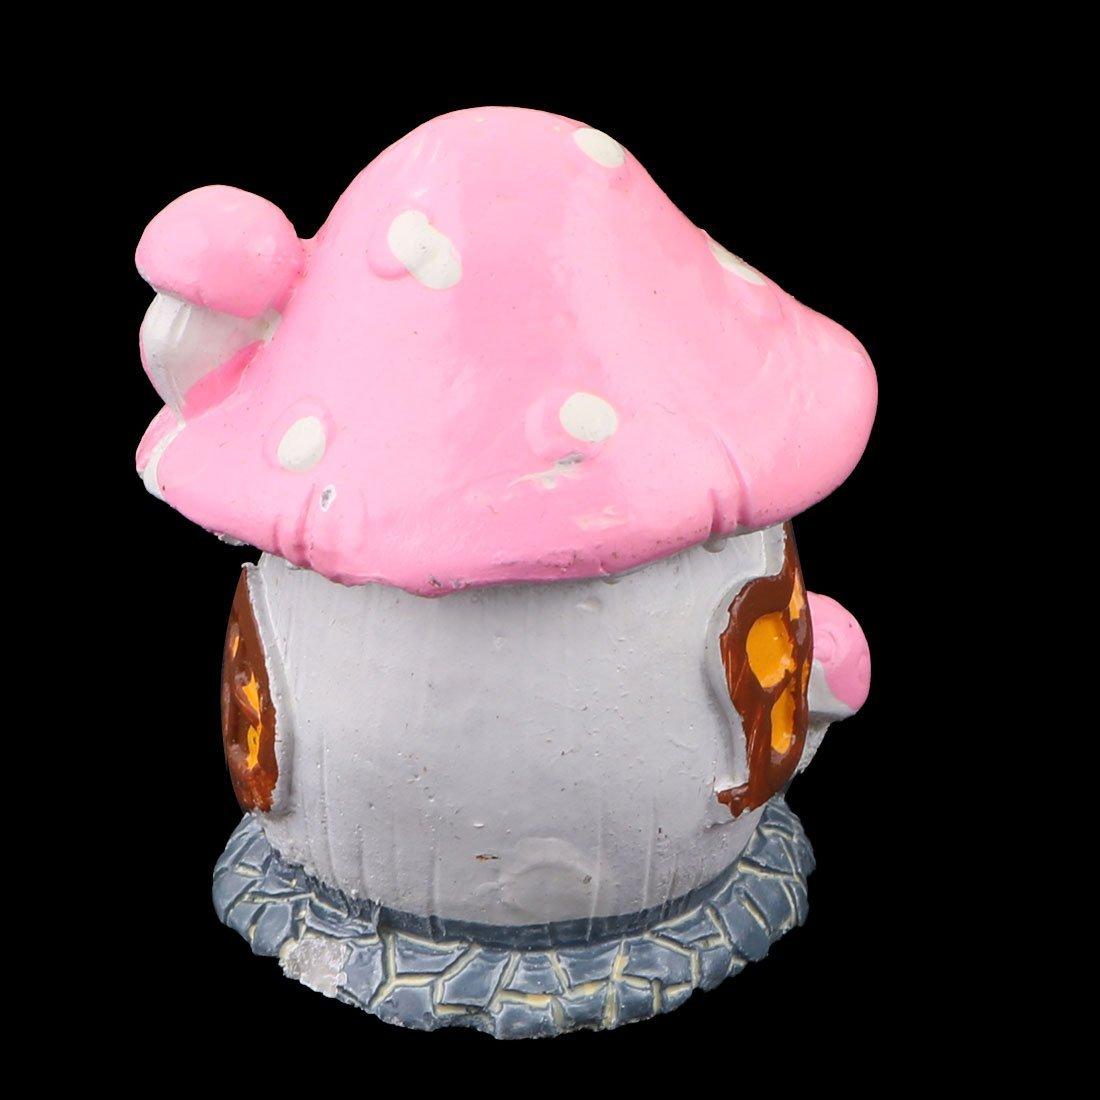 Amazon.com: eDealMax hogar de la resina de escritorio de oficina Decoración Artificial Artesanía Casa de la seta Modelo rosa Bonsai: Home & Kitchen